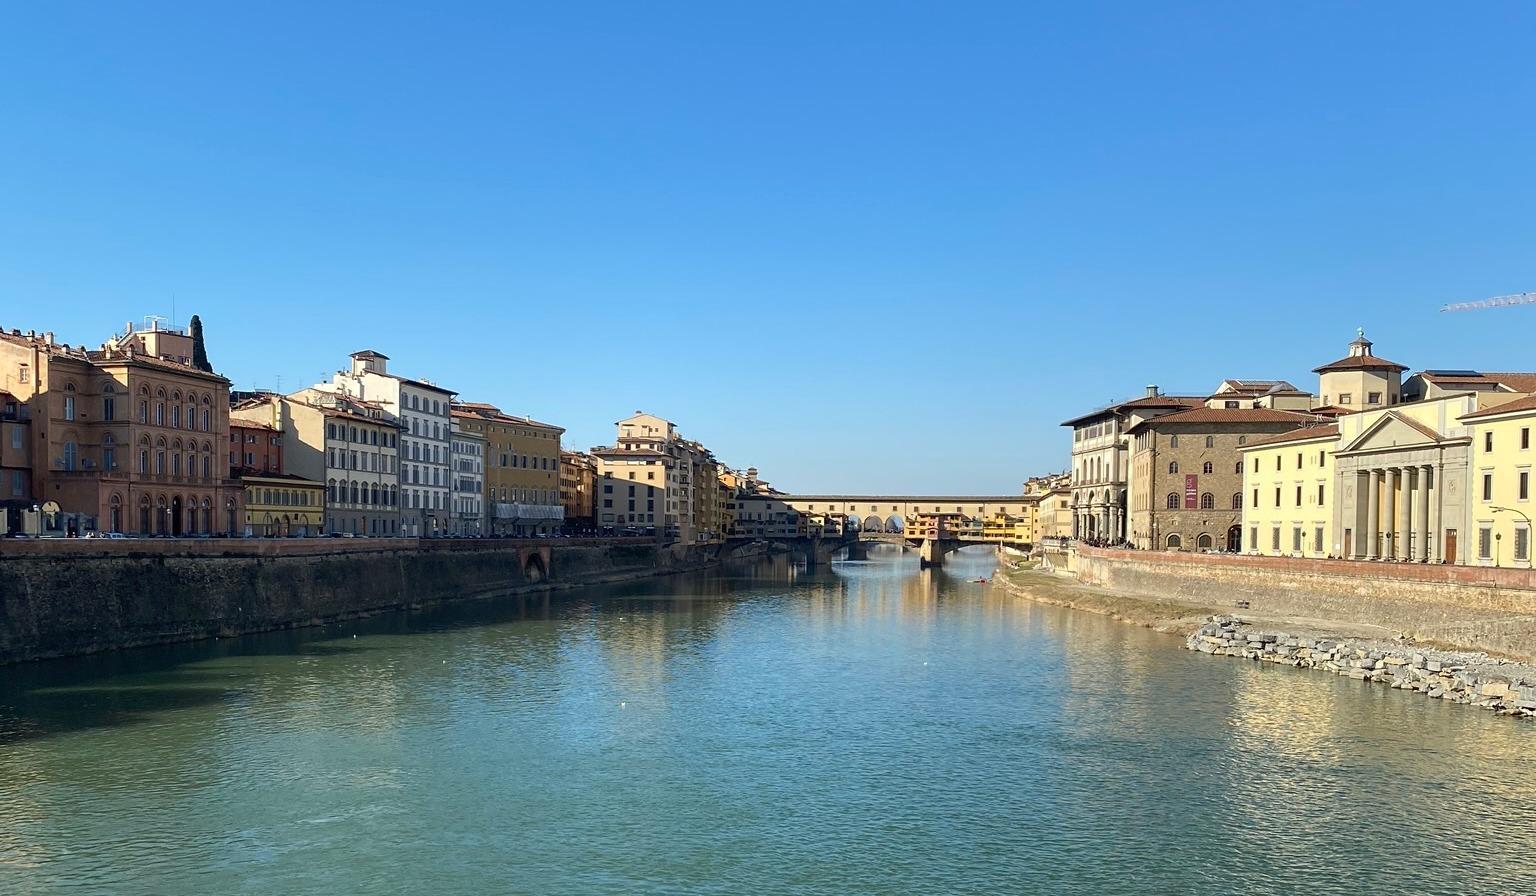 CAPAStudyAbroad_Spring2020_Florence_Sara Shriber_Bridge on Arno River (1)